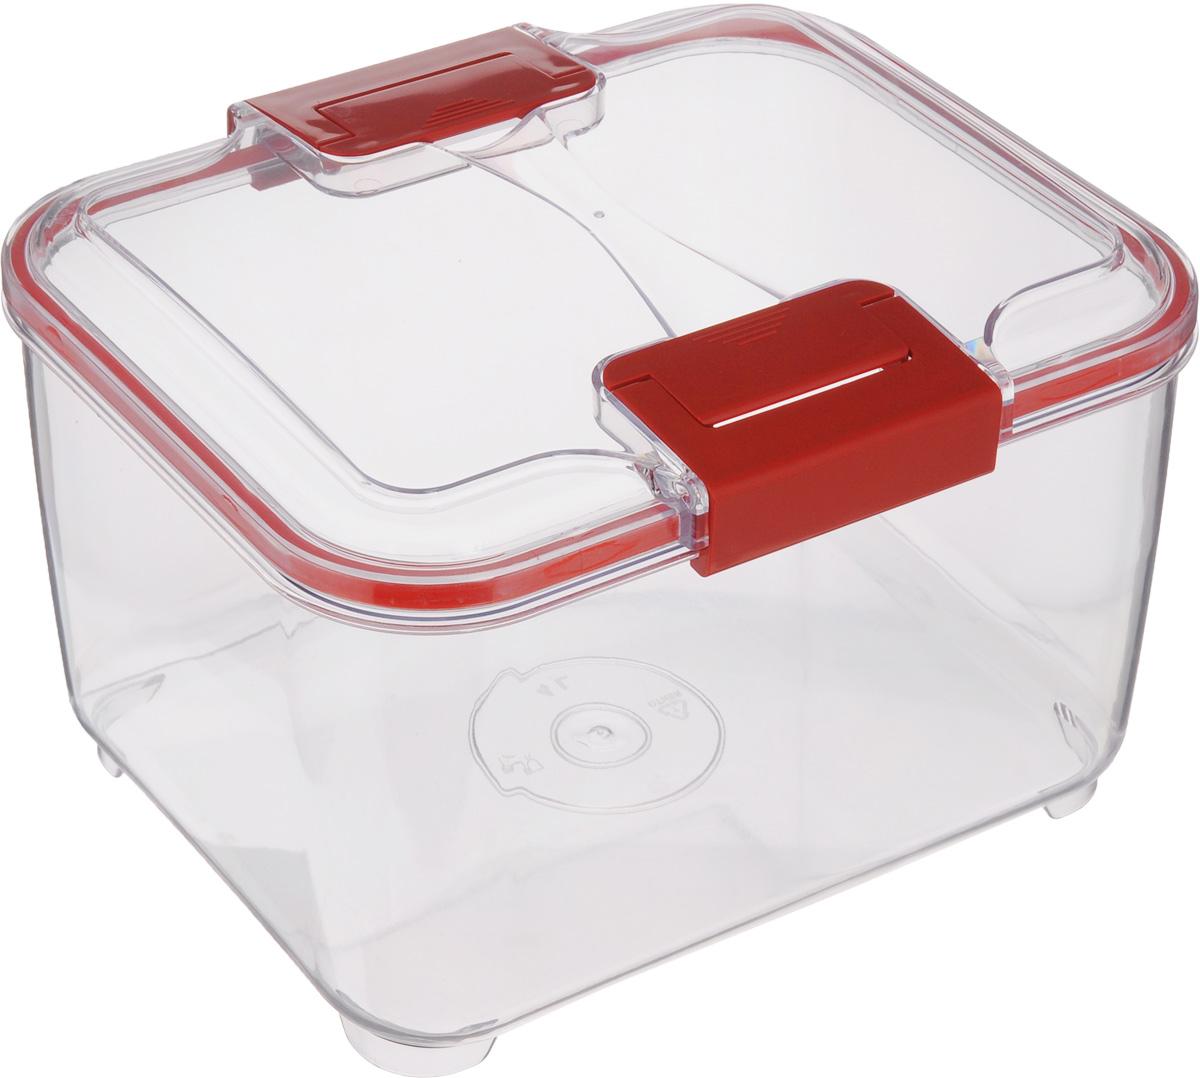 Контейнер Status, цвет: прозрачный, красный, 4 лRC40 RedПищевой контейнер Status изготовлен из высококачественного пищевого пластика. Контейнер безопасен для здоровья, не содержит BPA. Изделие имеет прямоугольную форму и оснащено плотно закрывающейся крышкой. Прозрачные стенки позволяют видеть содержимое. Контейнер закрывается при помощи двух защелок.Можно мыть в посудомоечной машине.Контейнер подходит для использования вморозильной камере и СВЧ.